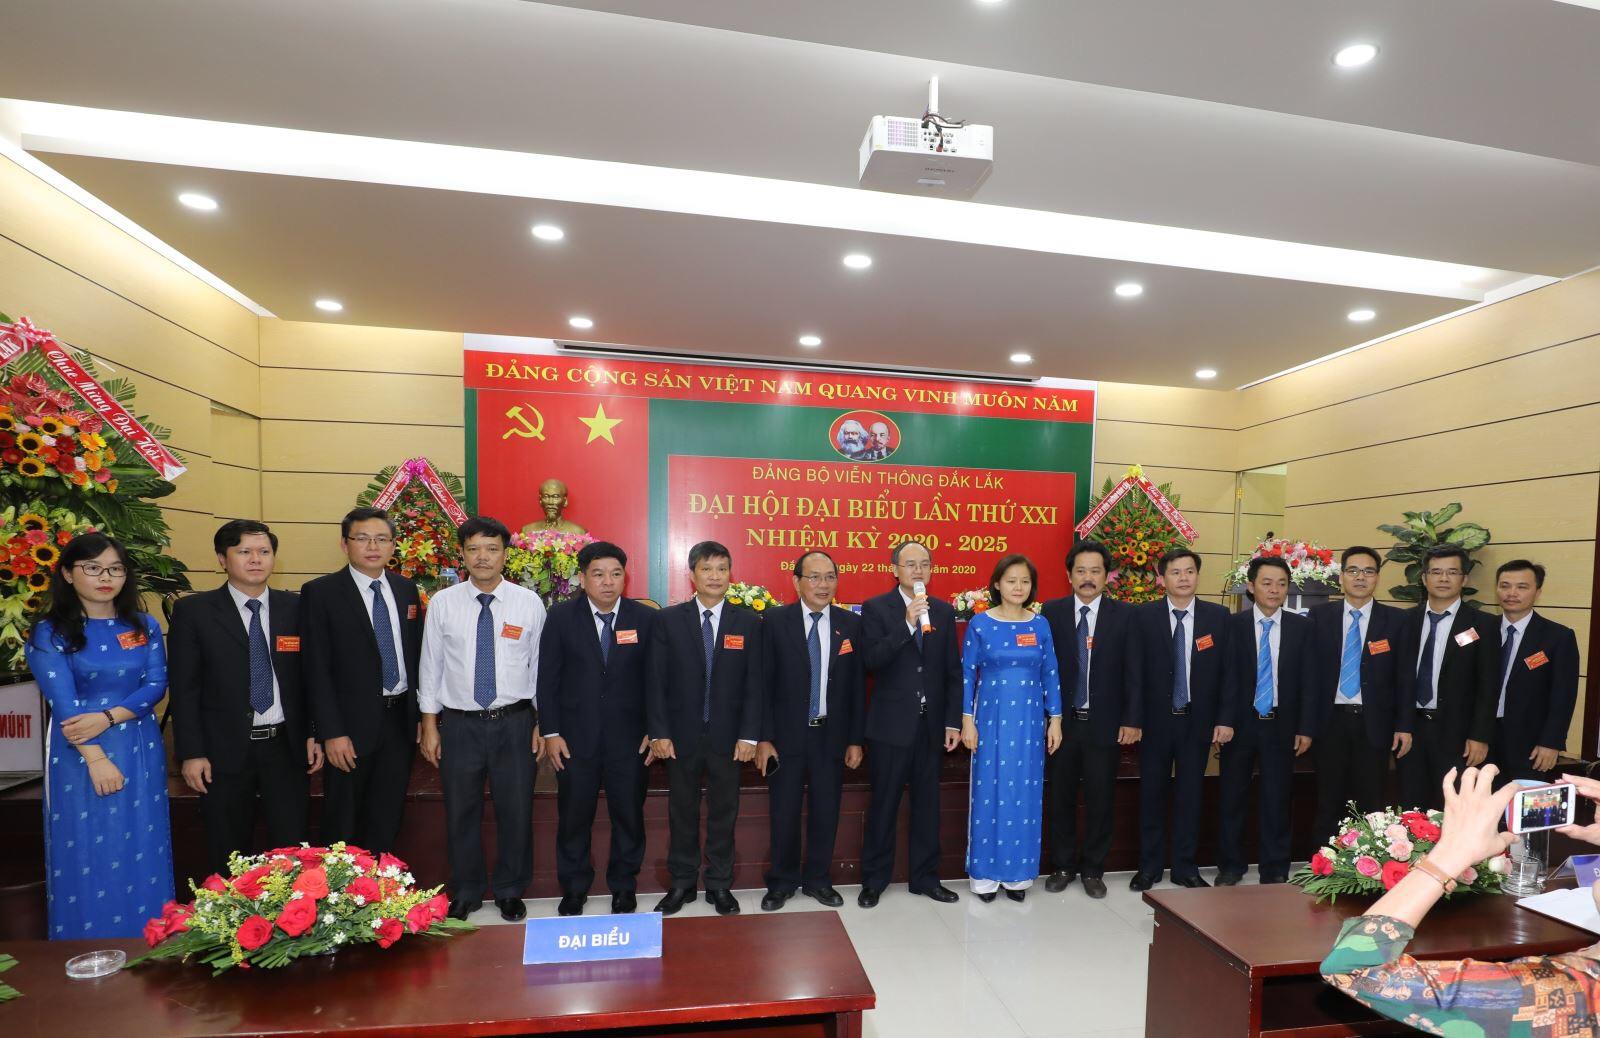 Đại hội Đảng bộ Viễn thông Đắk Lắk lần thứ XXI, nhiệm kỳ 2020-2025